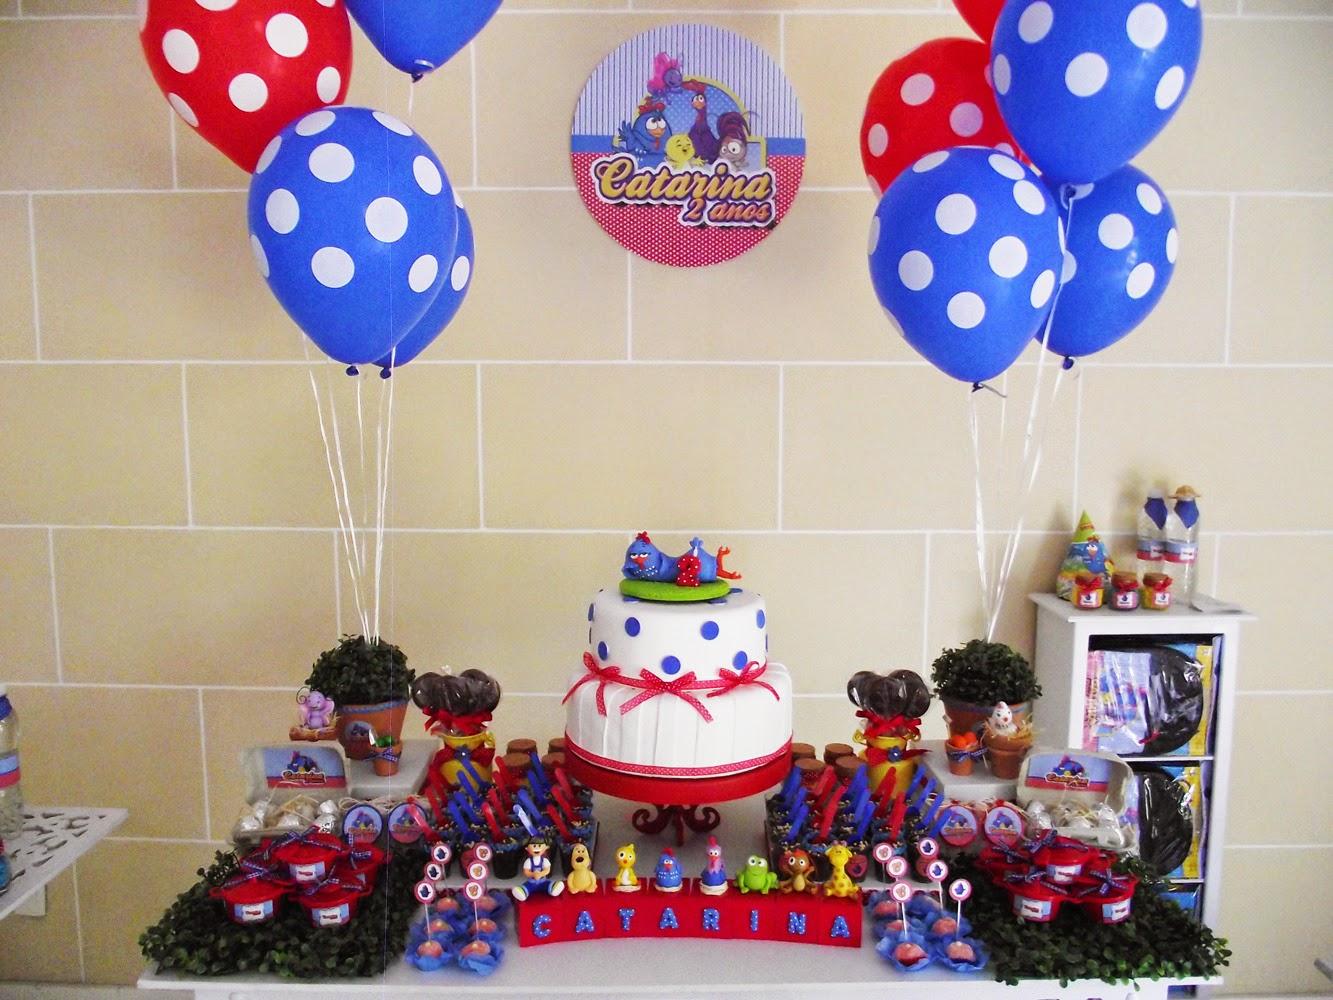 Decoraç u00e3o Galinha Pintadinha Simples E Barata -> Decoração Festa Infantil Galinha Pintadinha Simples